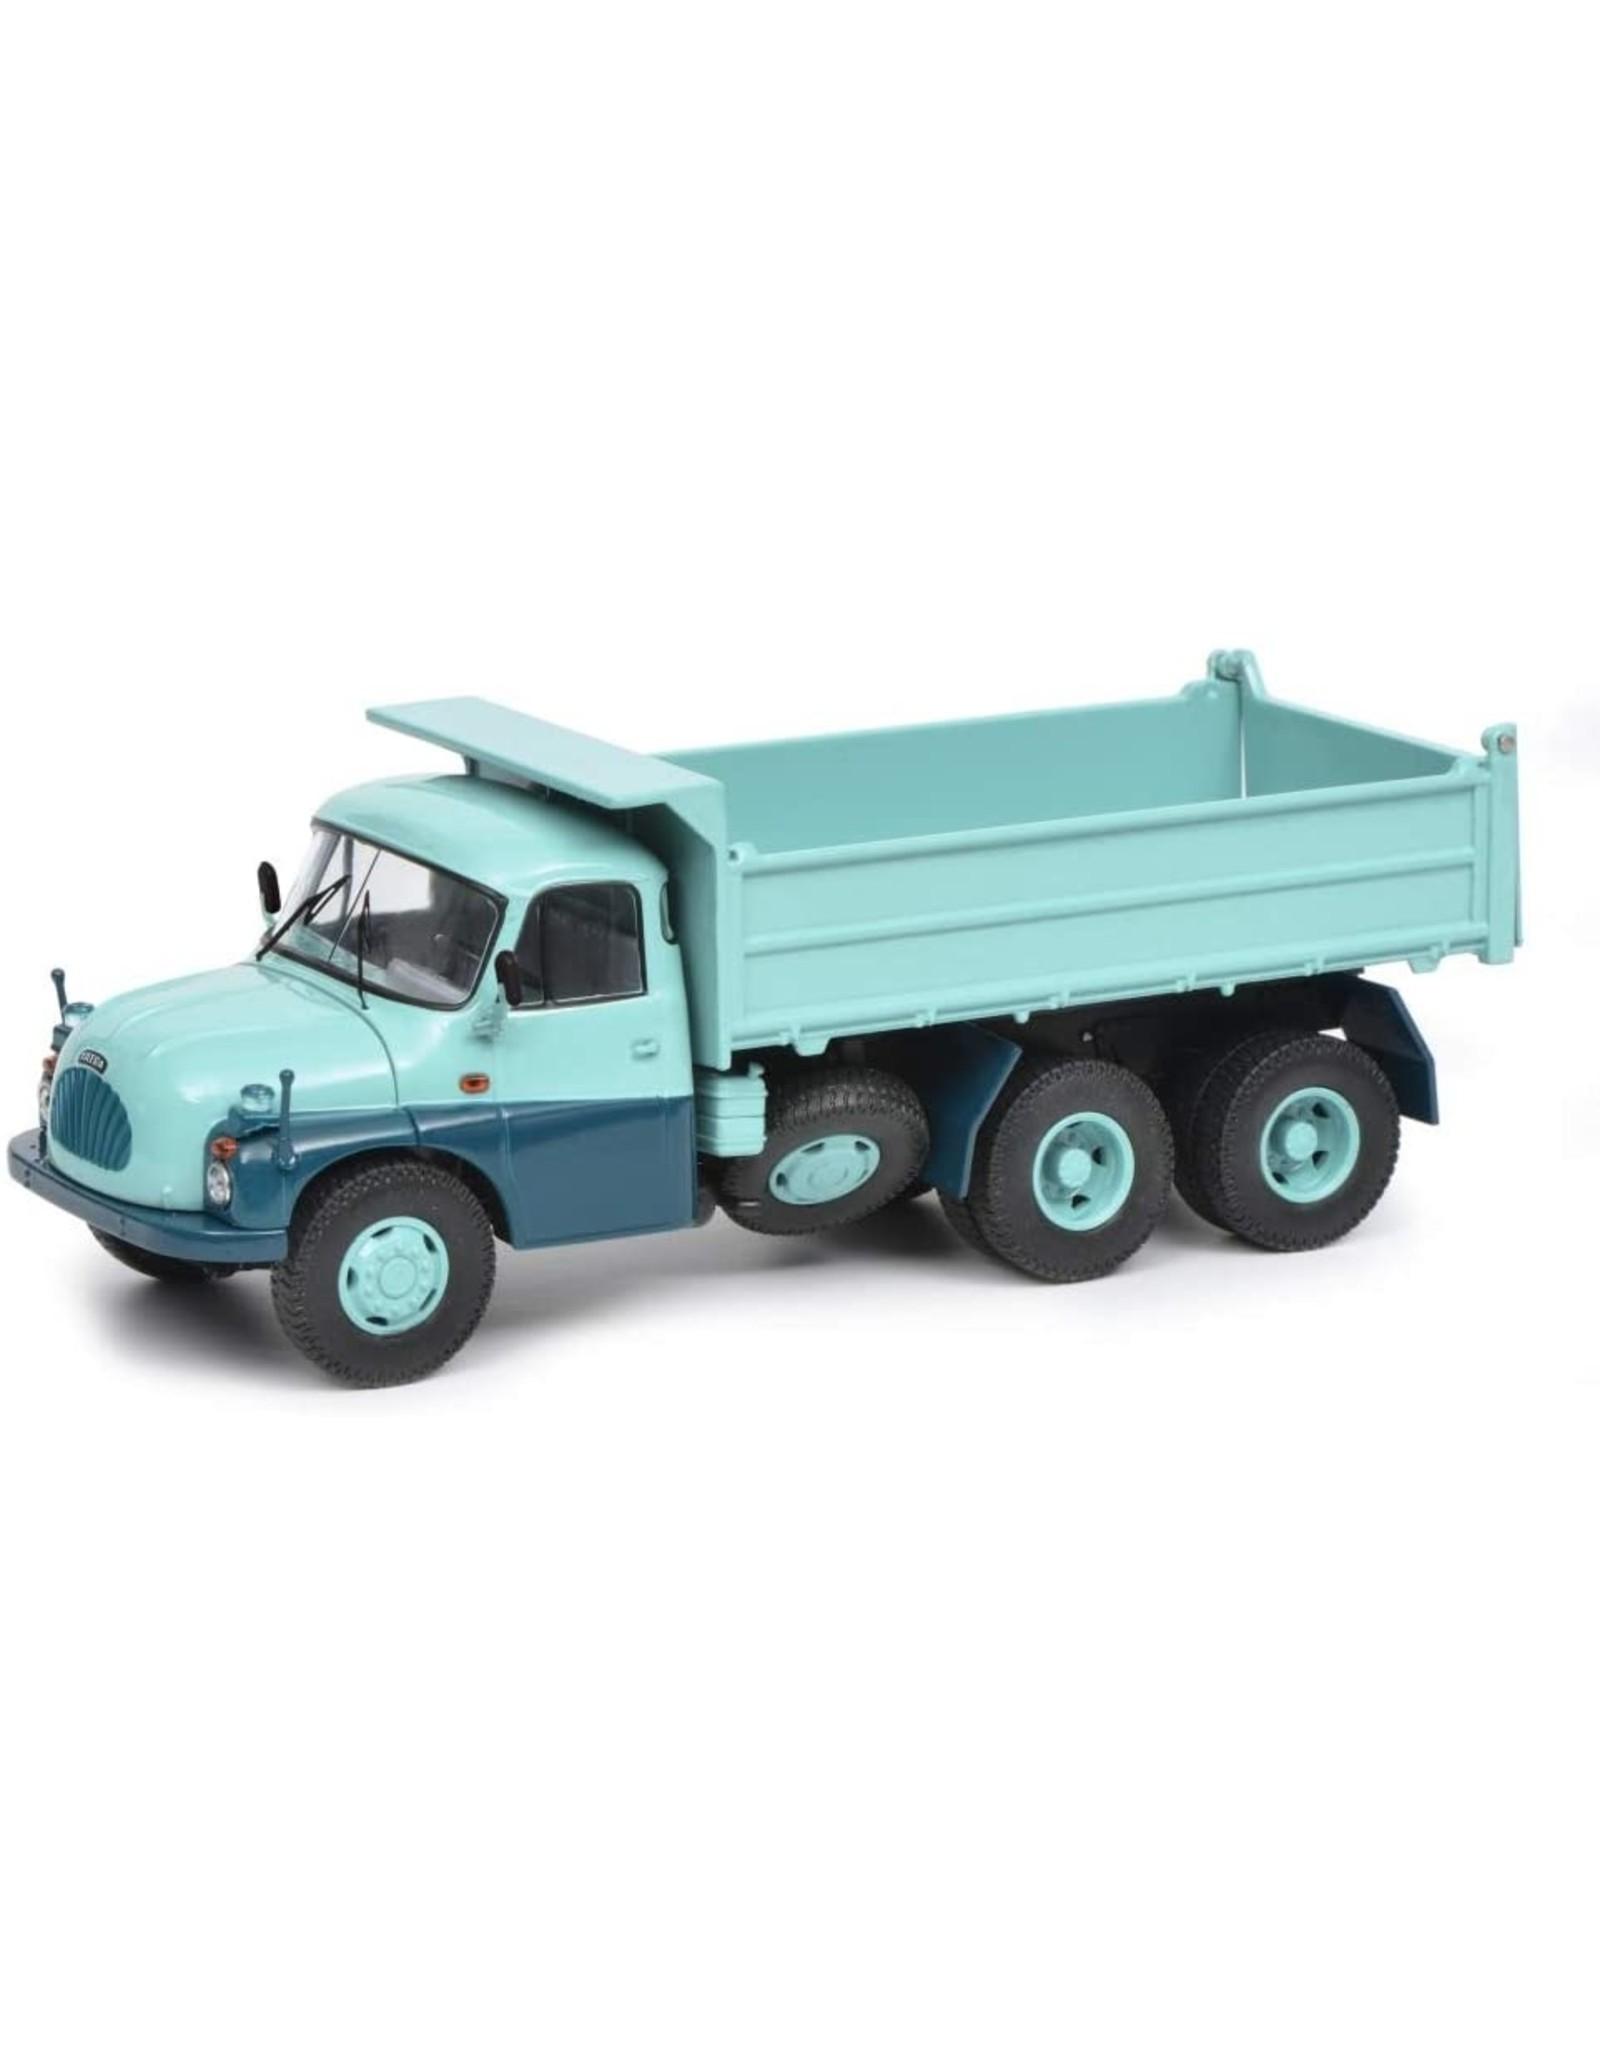 Tatra Tatra T138 Dump Truck - 1:43 - Schuco